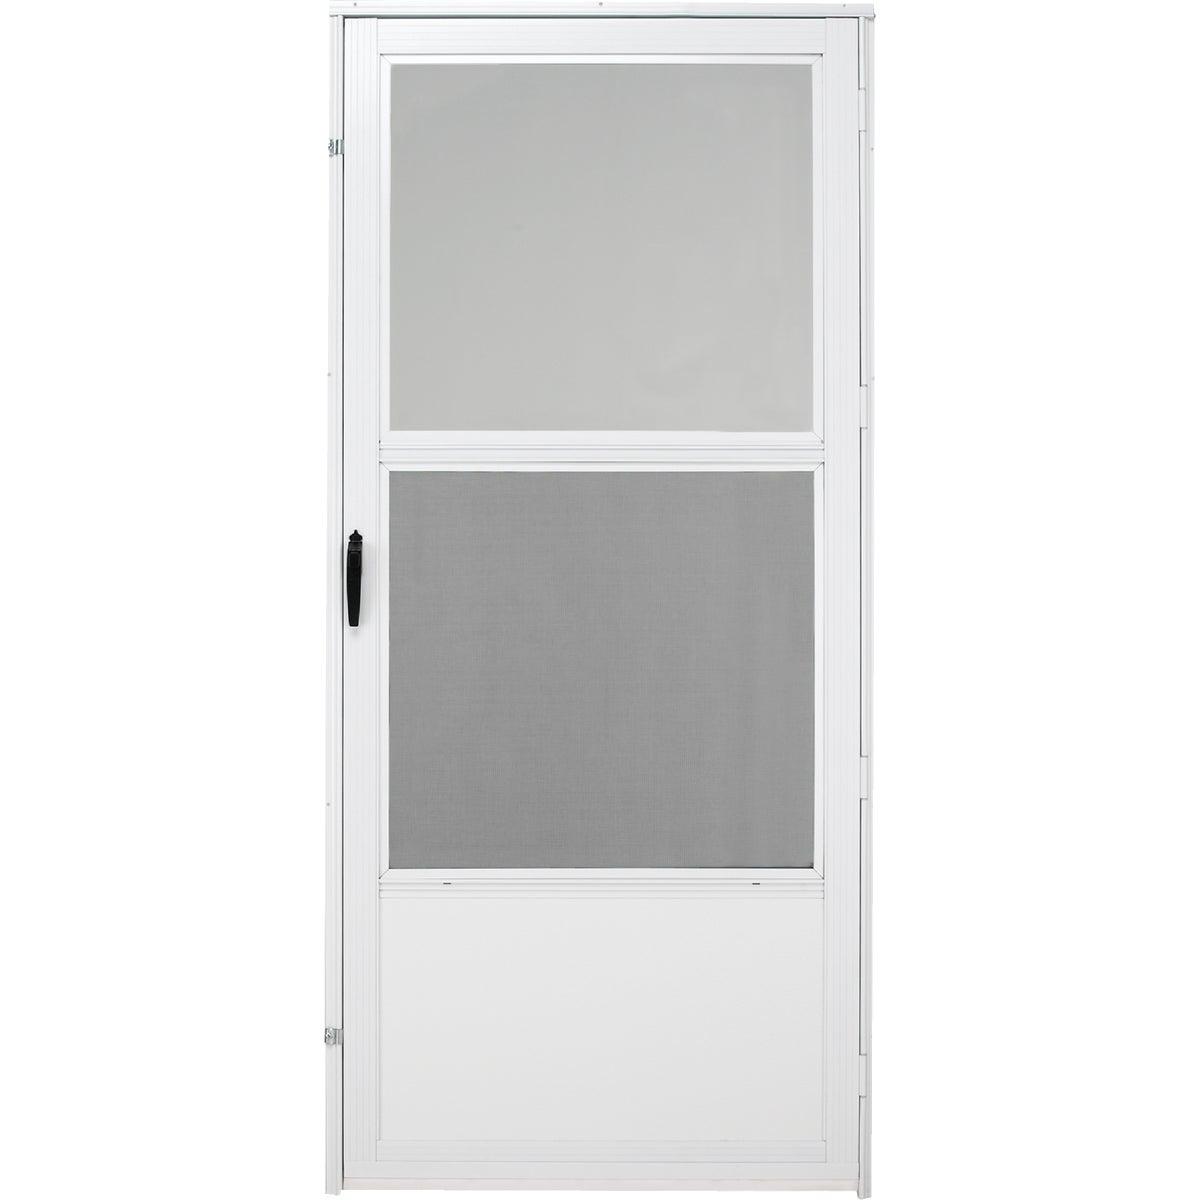 266 3068 RH WHT DOOR